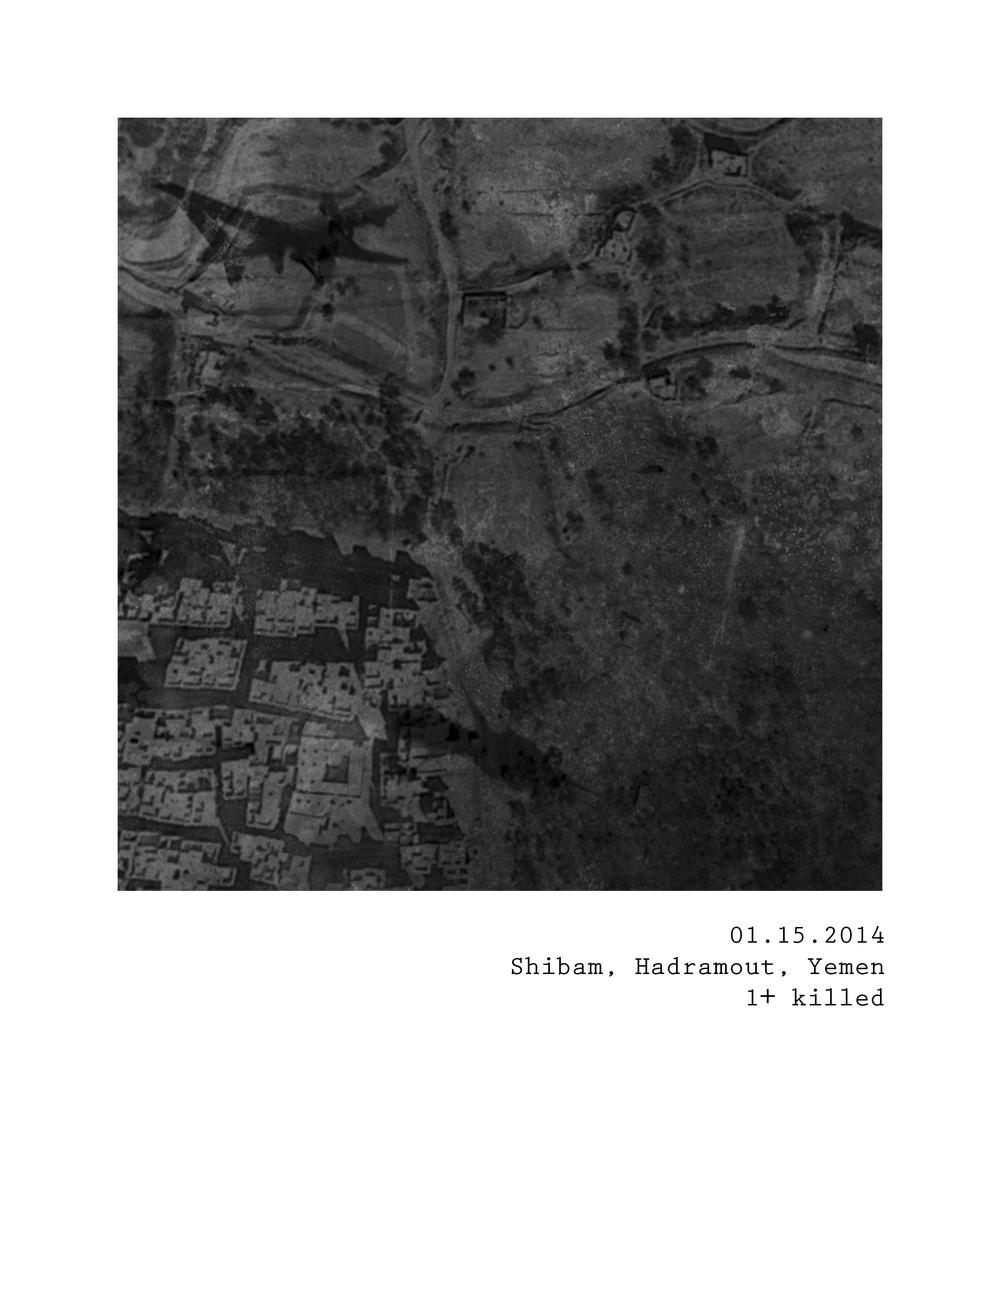 finalbook_drone_4.jpg